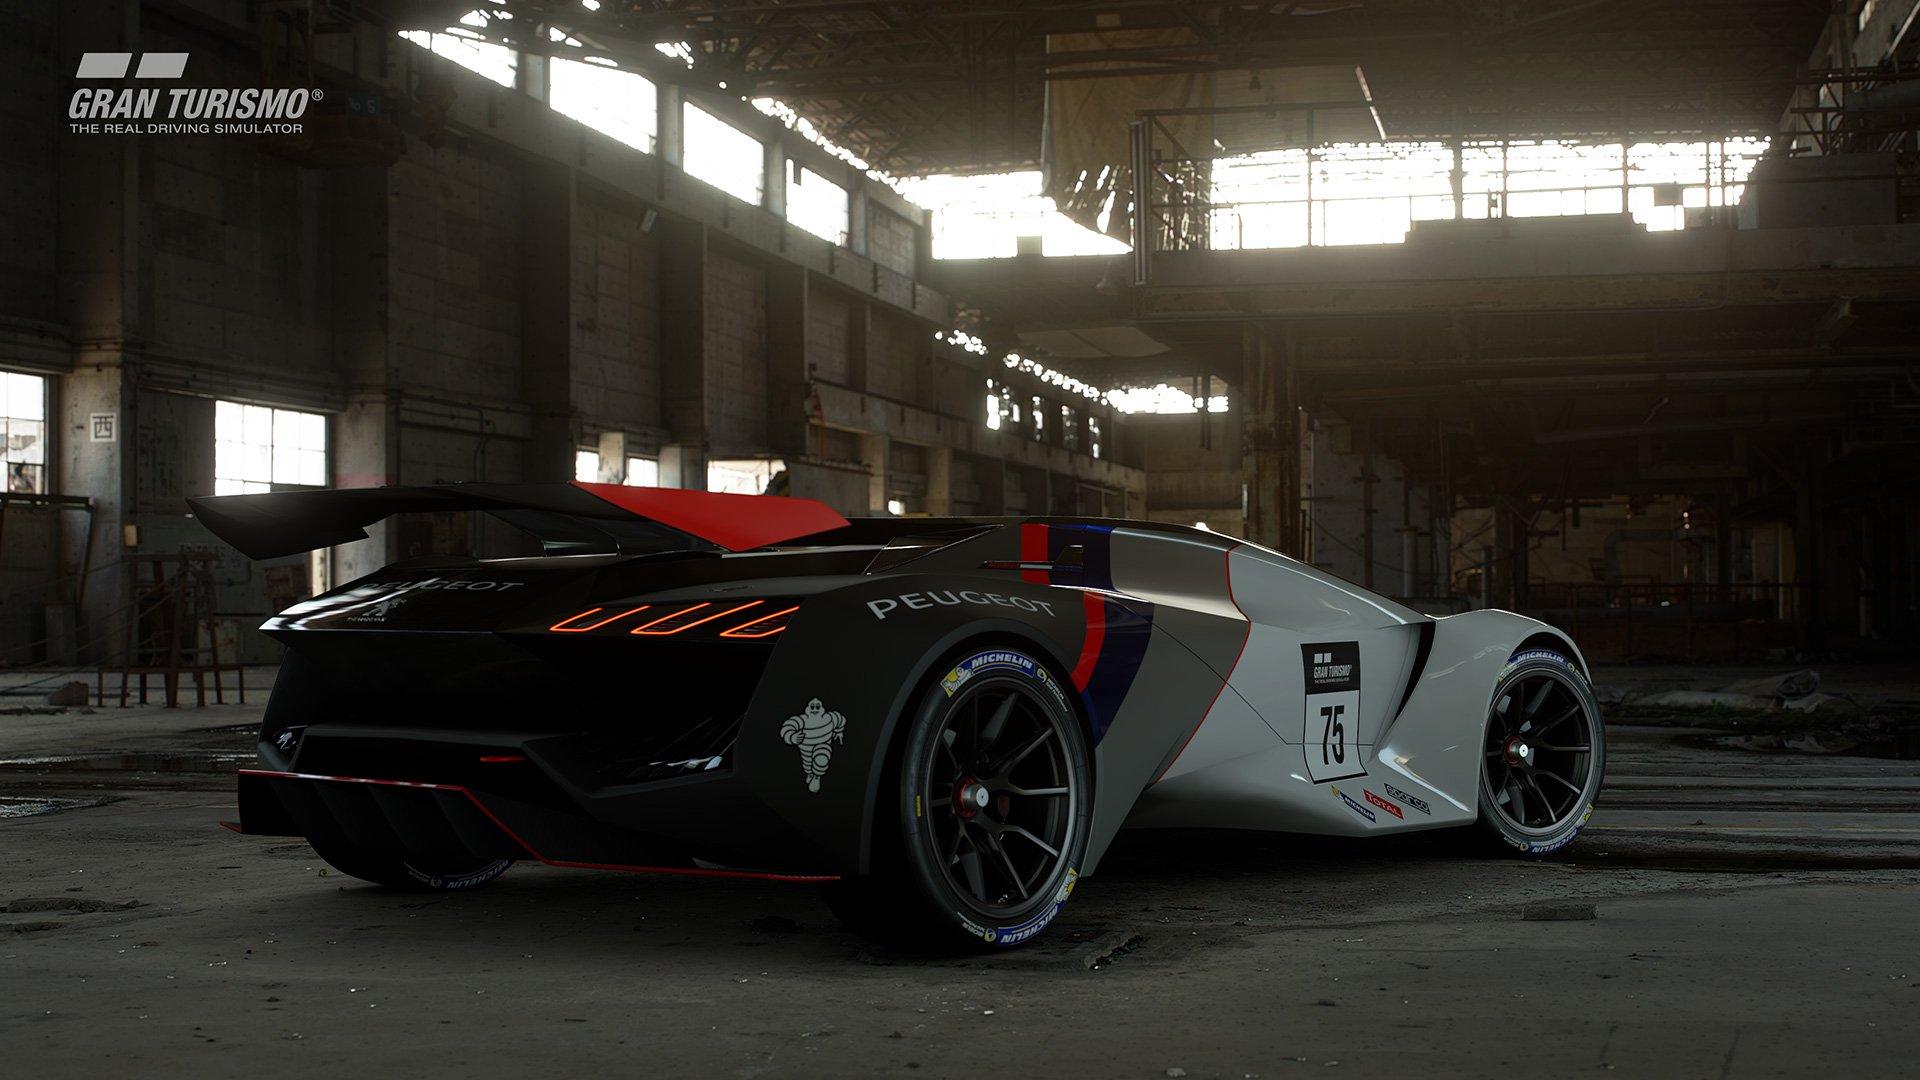 gran turismo sport official car list published inside sim racing. Black Bedroom Furniture Sets. Home Design Ideas